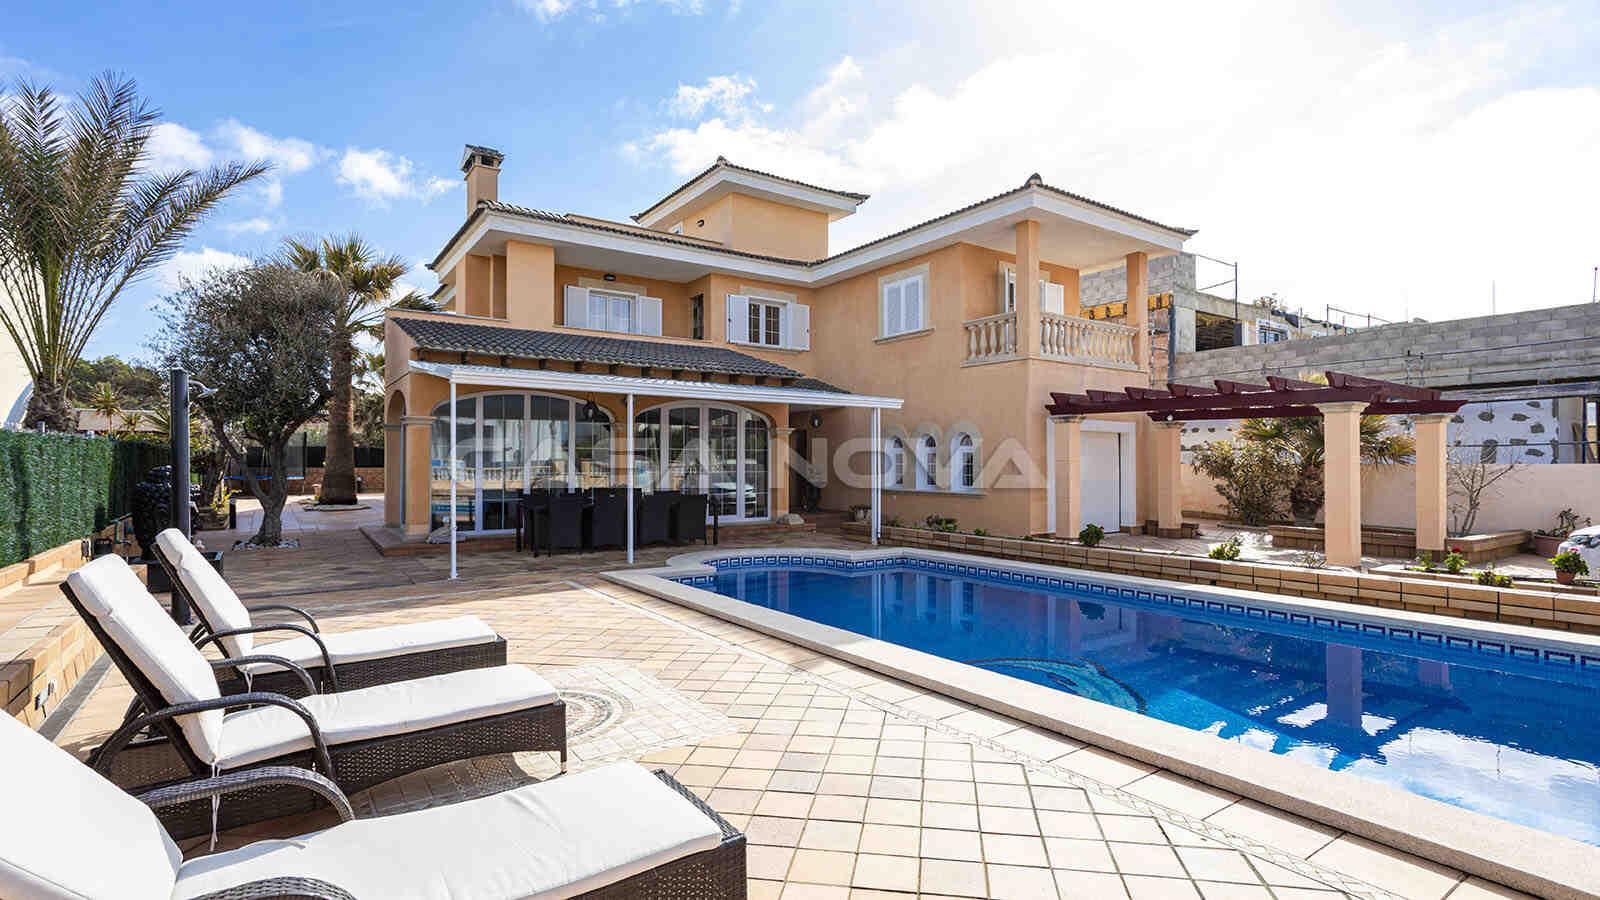 Mallorca Villa mit Pool in sehr exklusiven Wohngegend